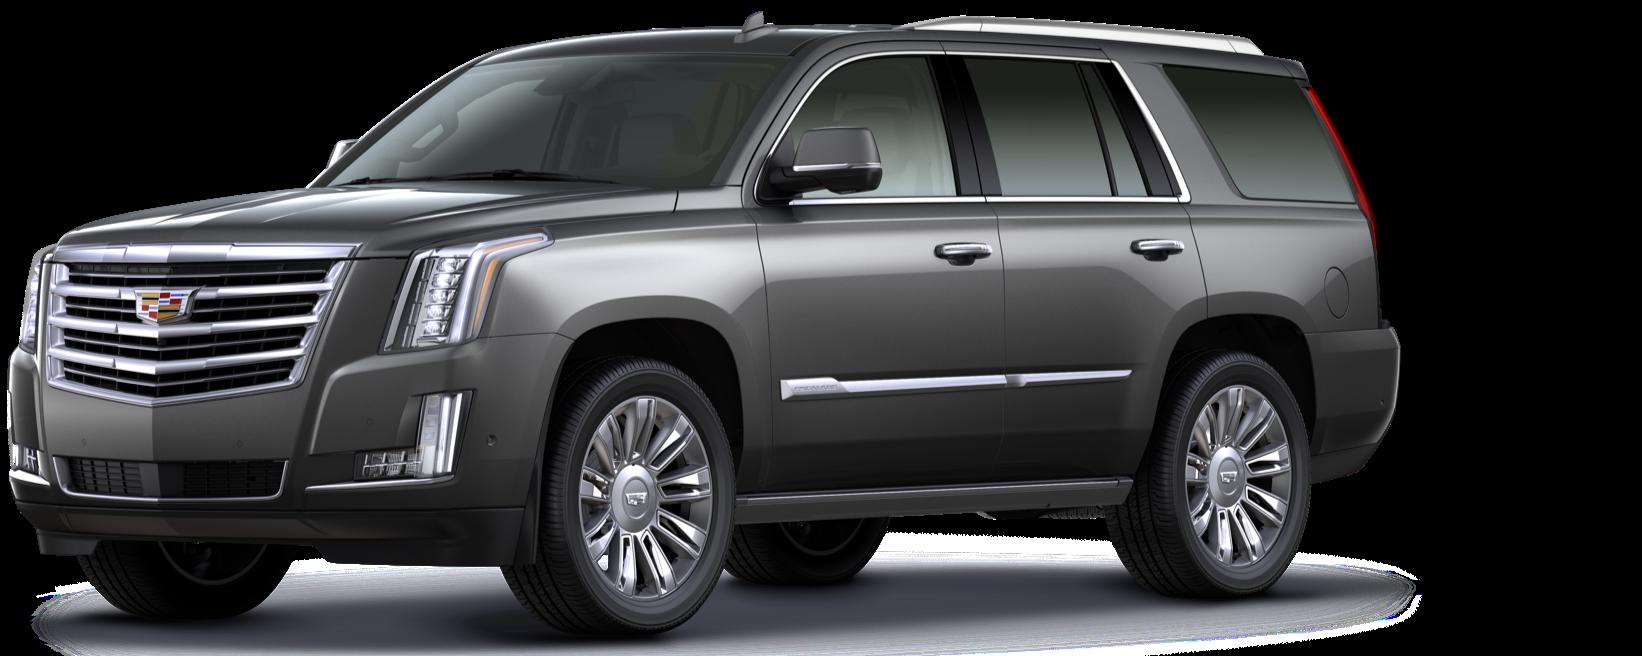 2018 Escalade Suv Esv Cadillac